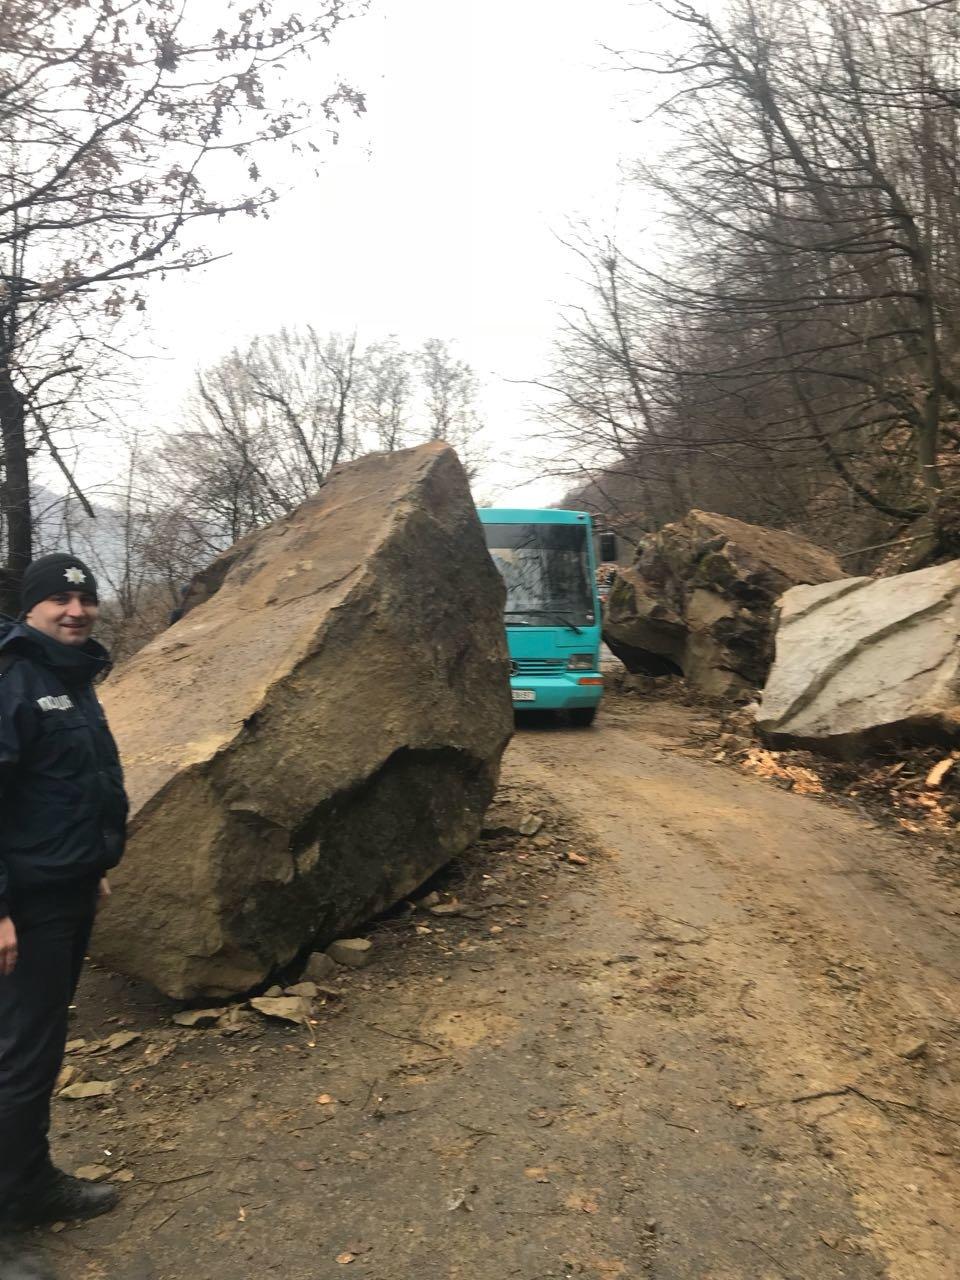 На Тячівщині на дорогу звалилася скеля: на місці працюють рятувальники, дорожники та поліція (ФОТО, ВІДЕО), фото-1